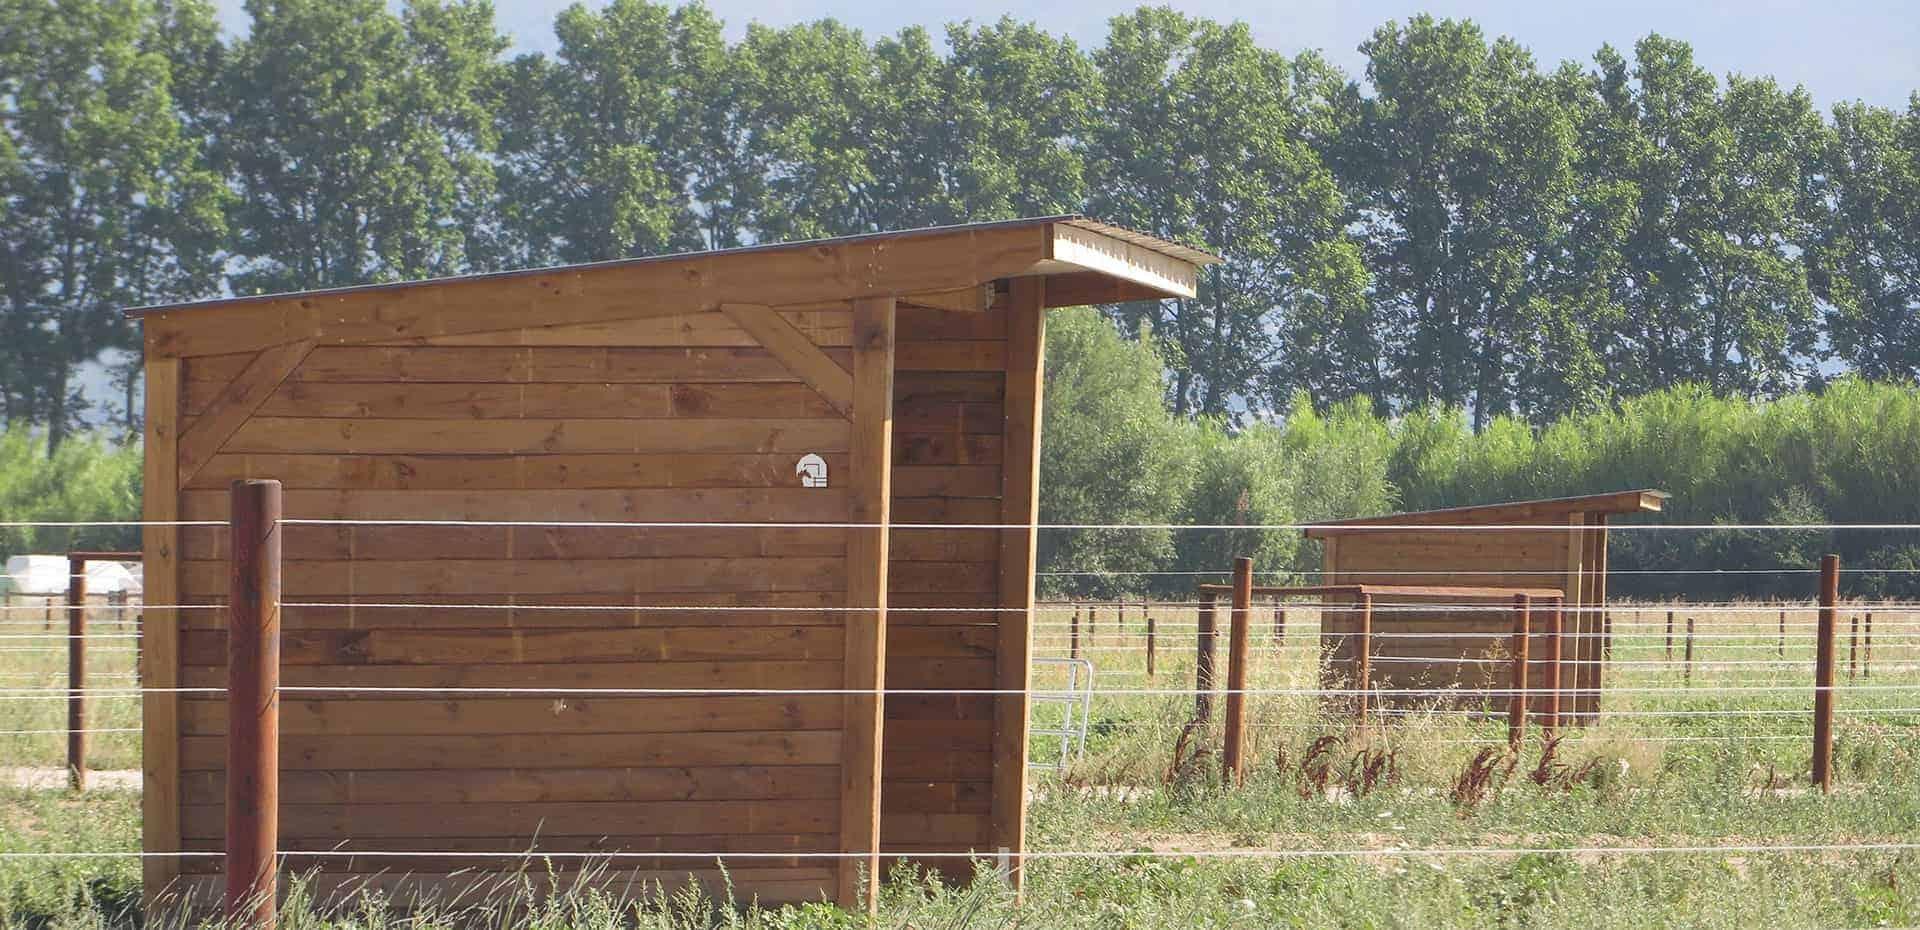 Comment Faire Un Abri Pour Le Bois abri chevaux, abris en bois : abriter vos chevaux en toute